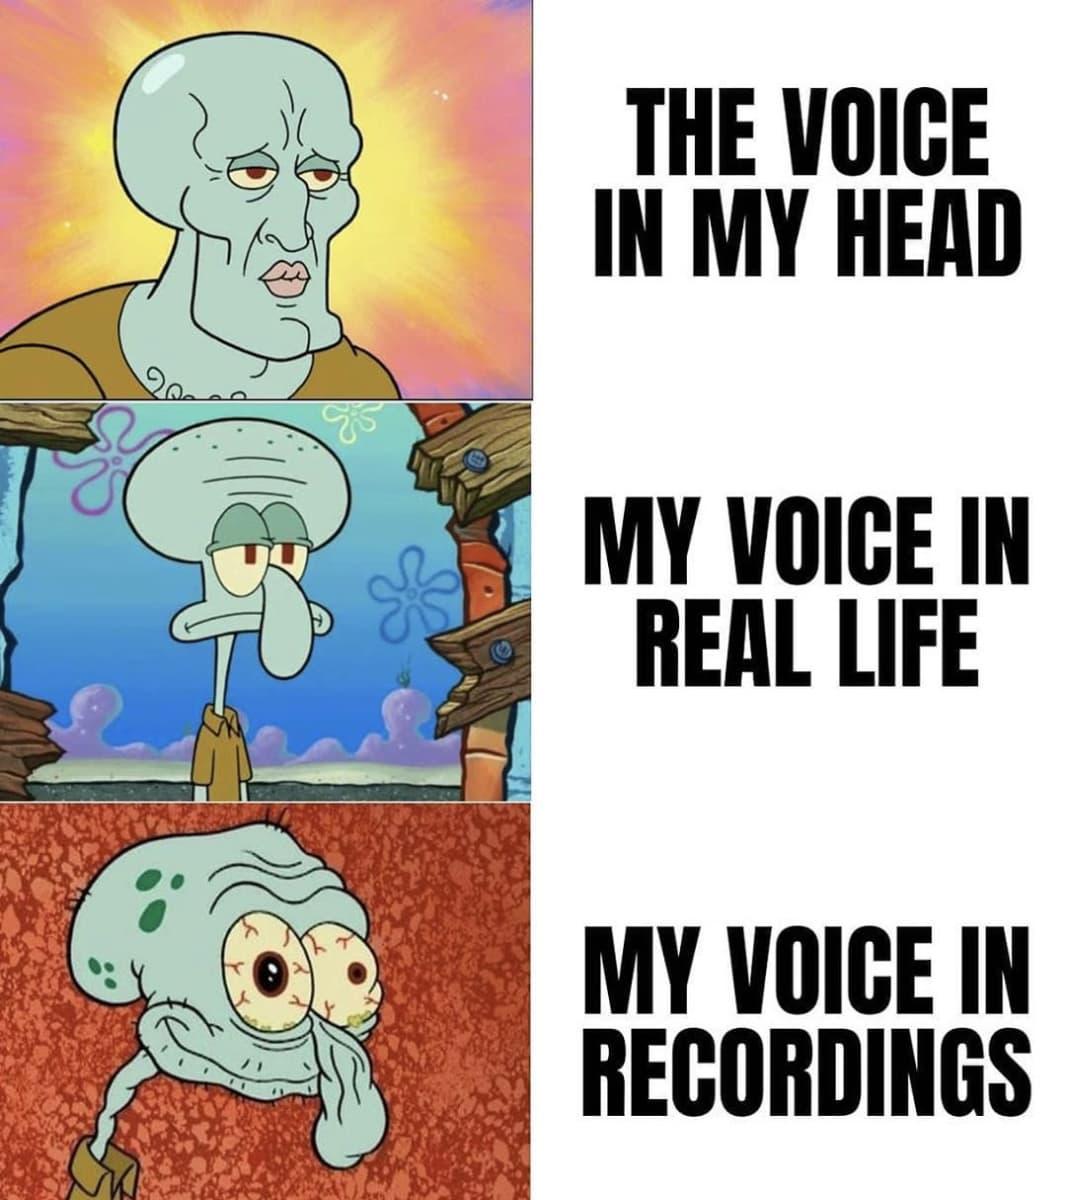 Random Spongebob Squarepants Memes That Take Memes To Next Level